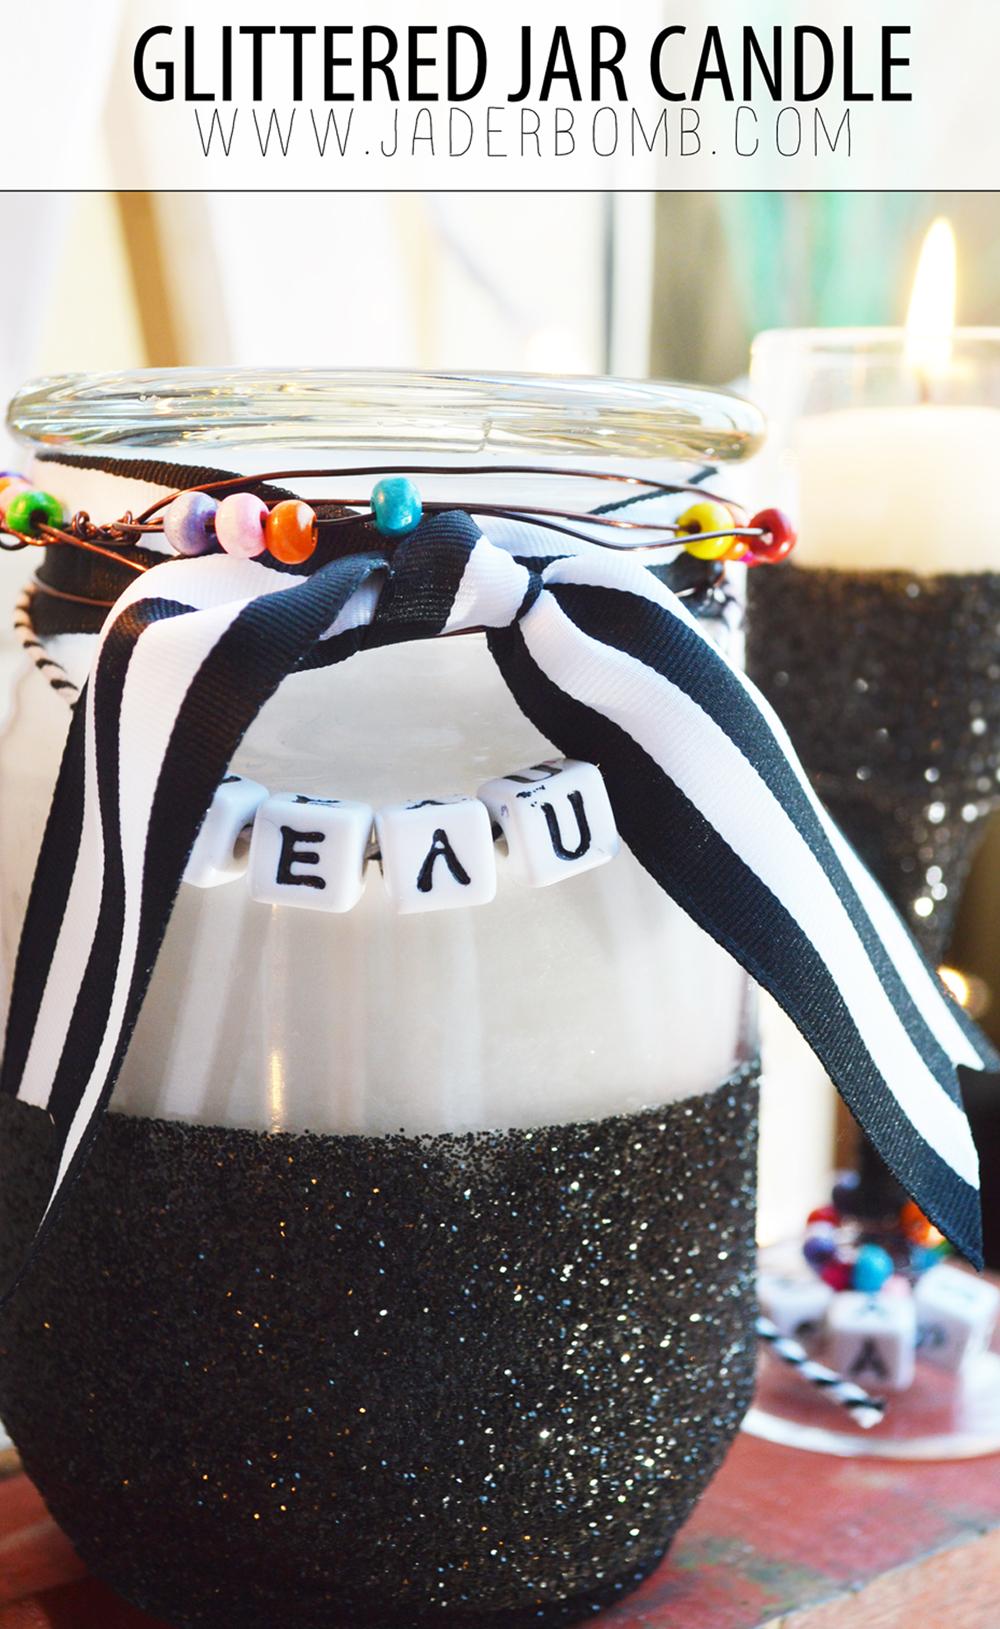 Glittered Jar Candle